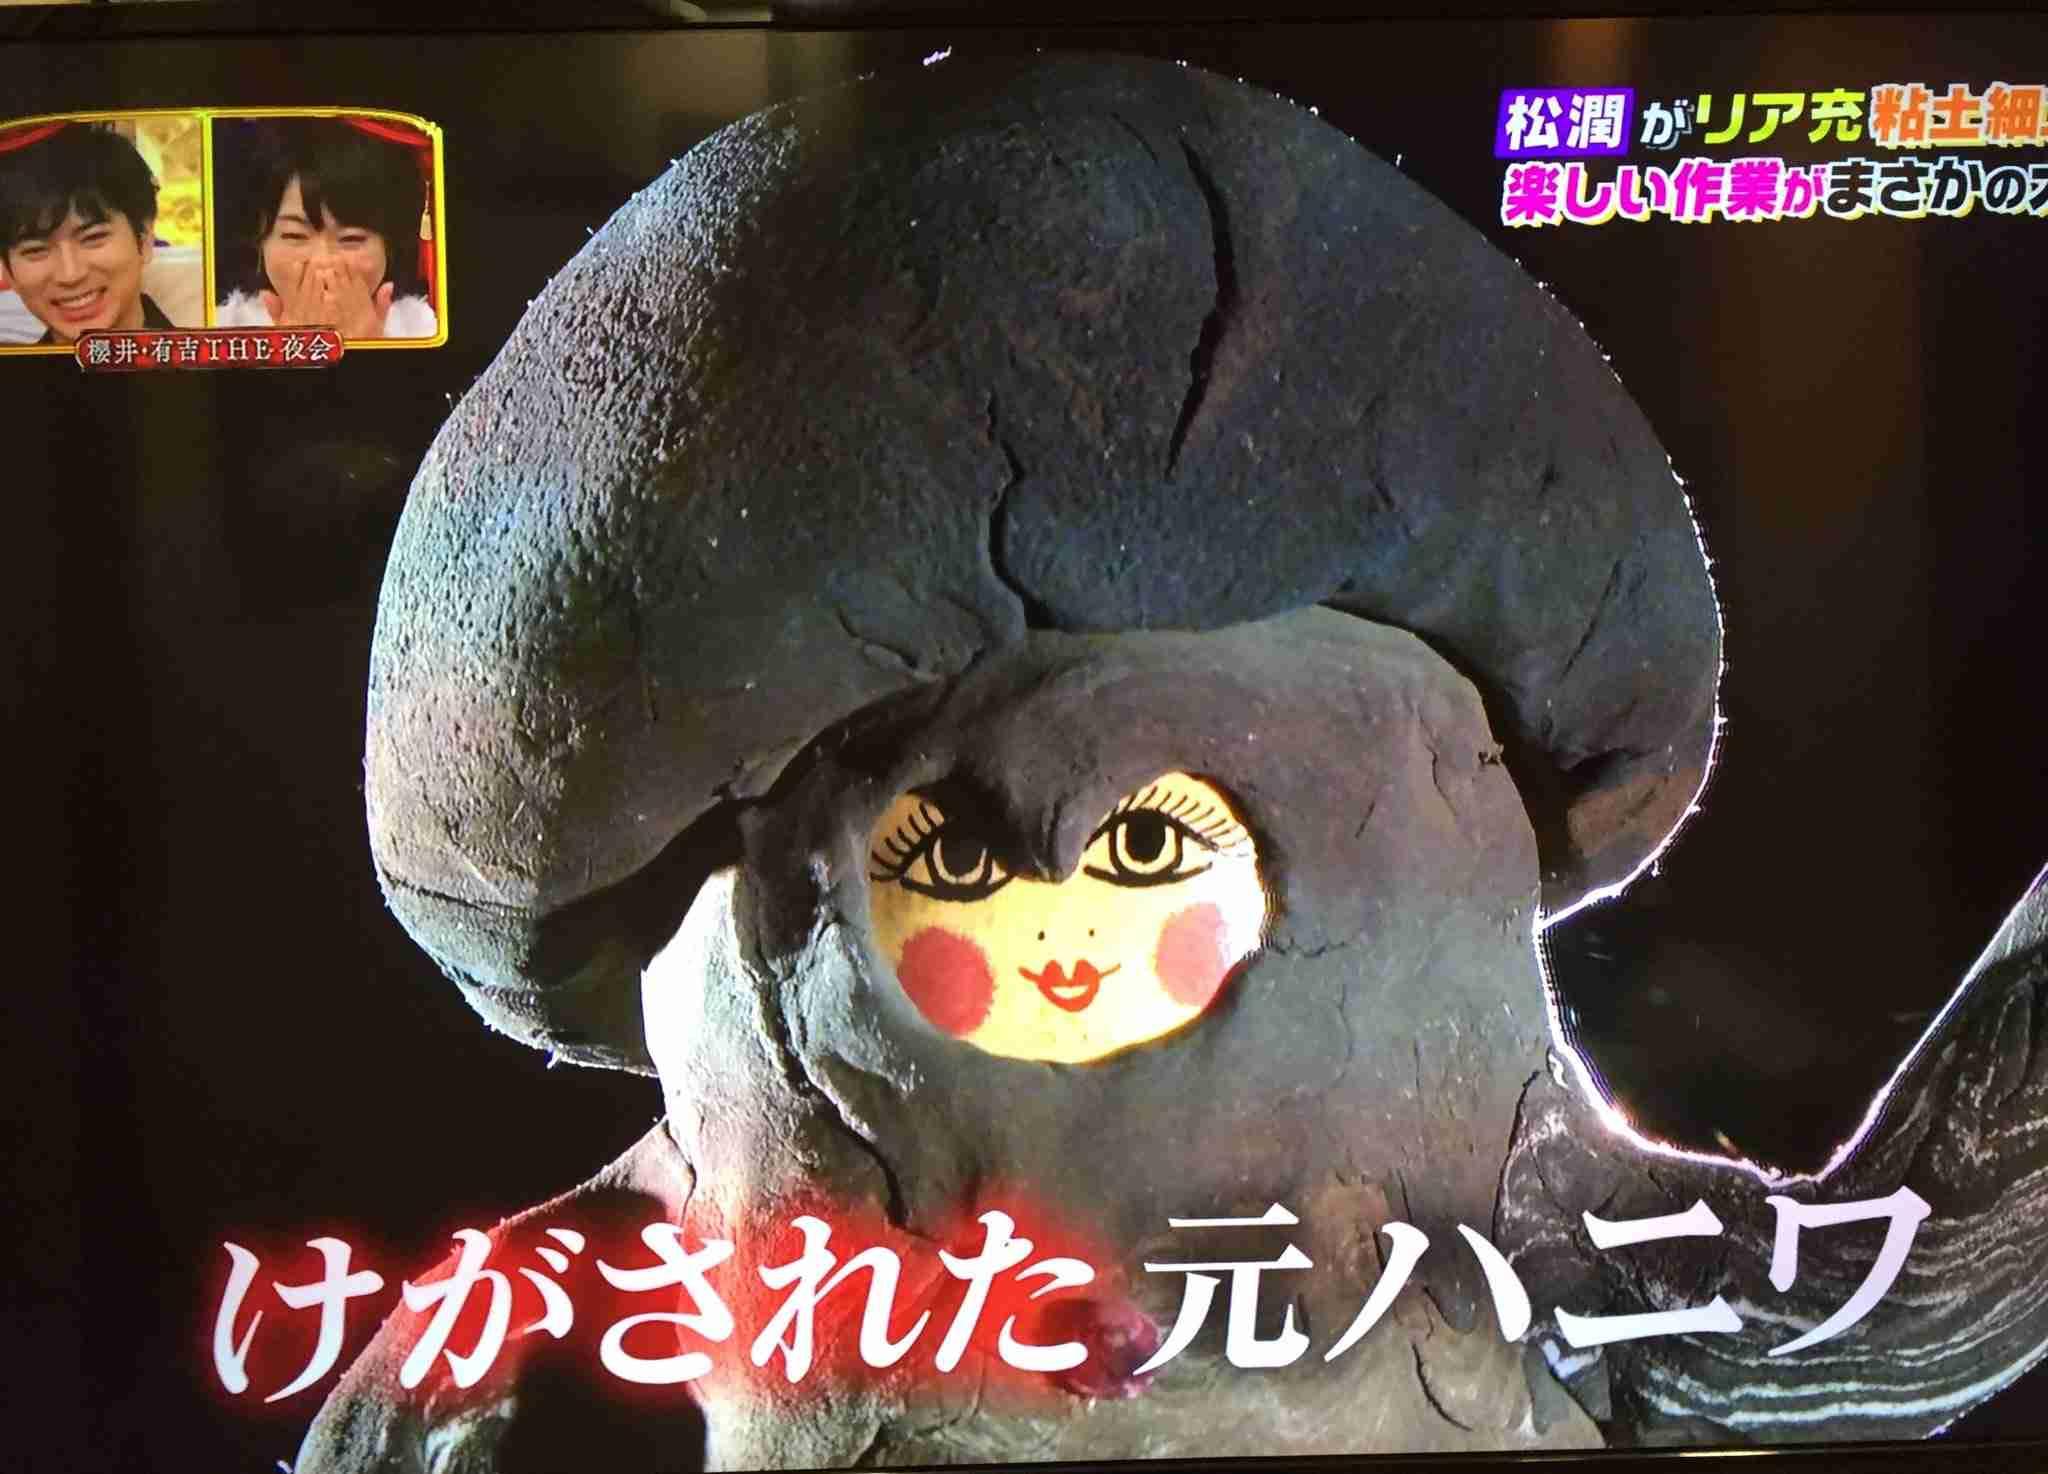 【実況・感想】99.9-刑事専門弁護士- SEASON II ♯5